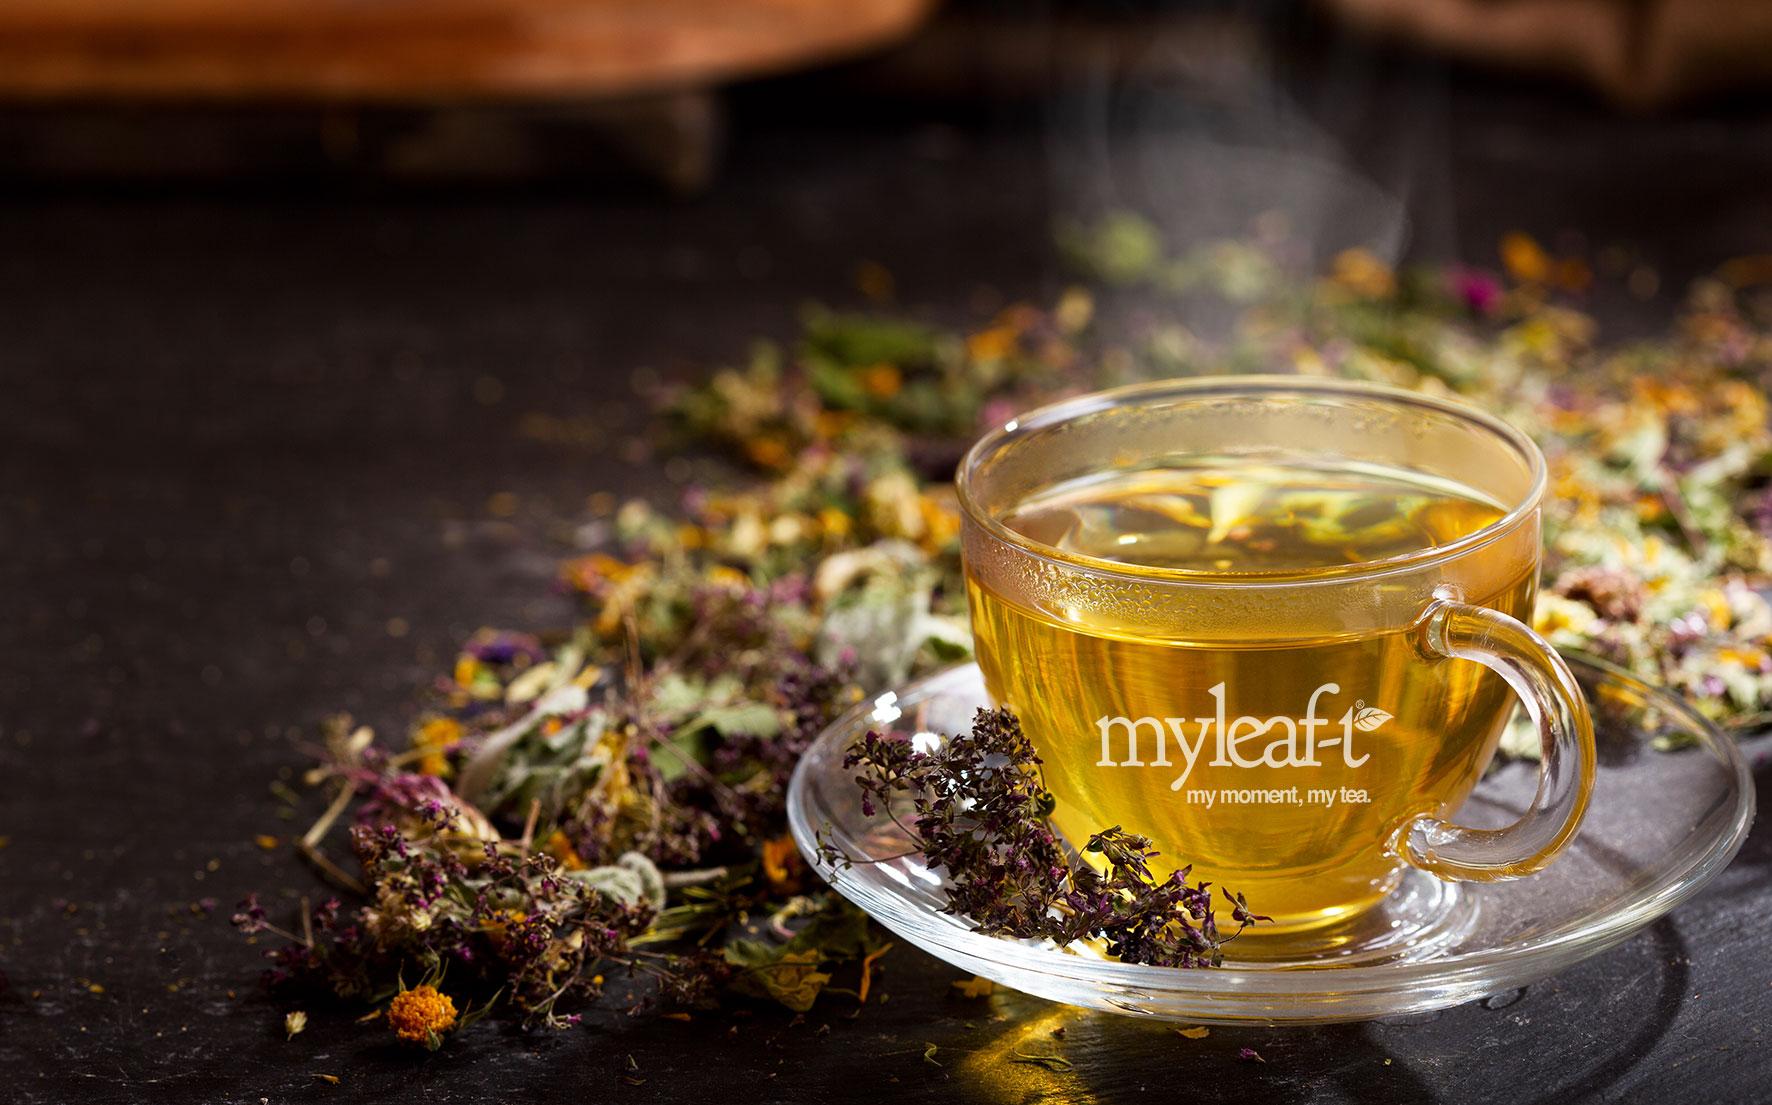 verpakkingsontwerp my leaf tea theekop